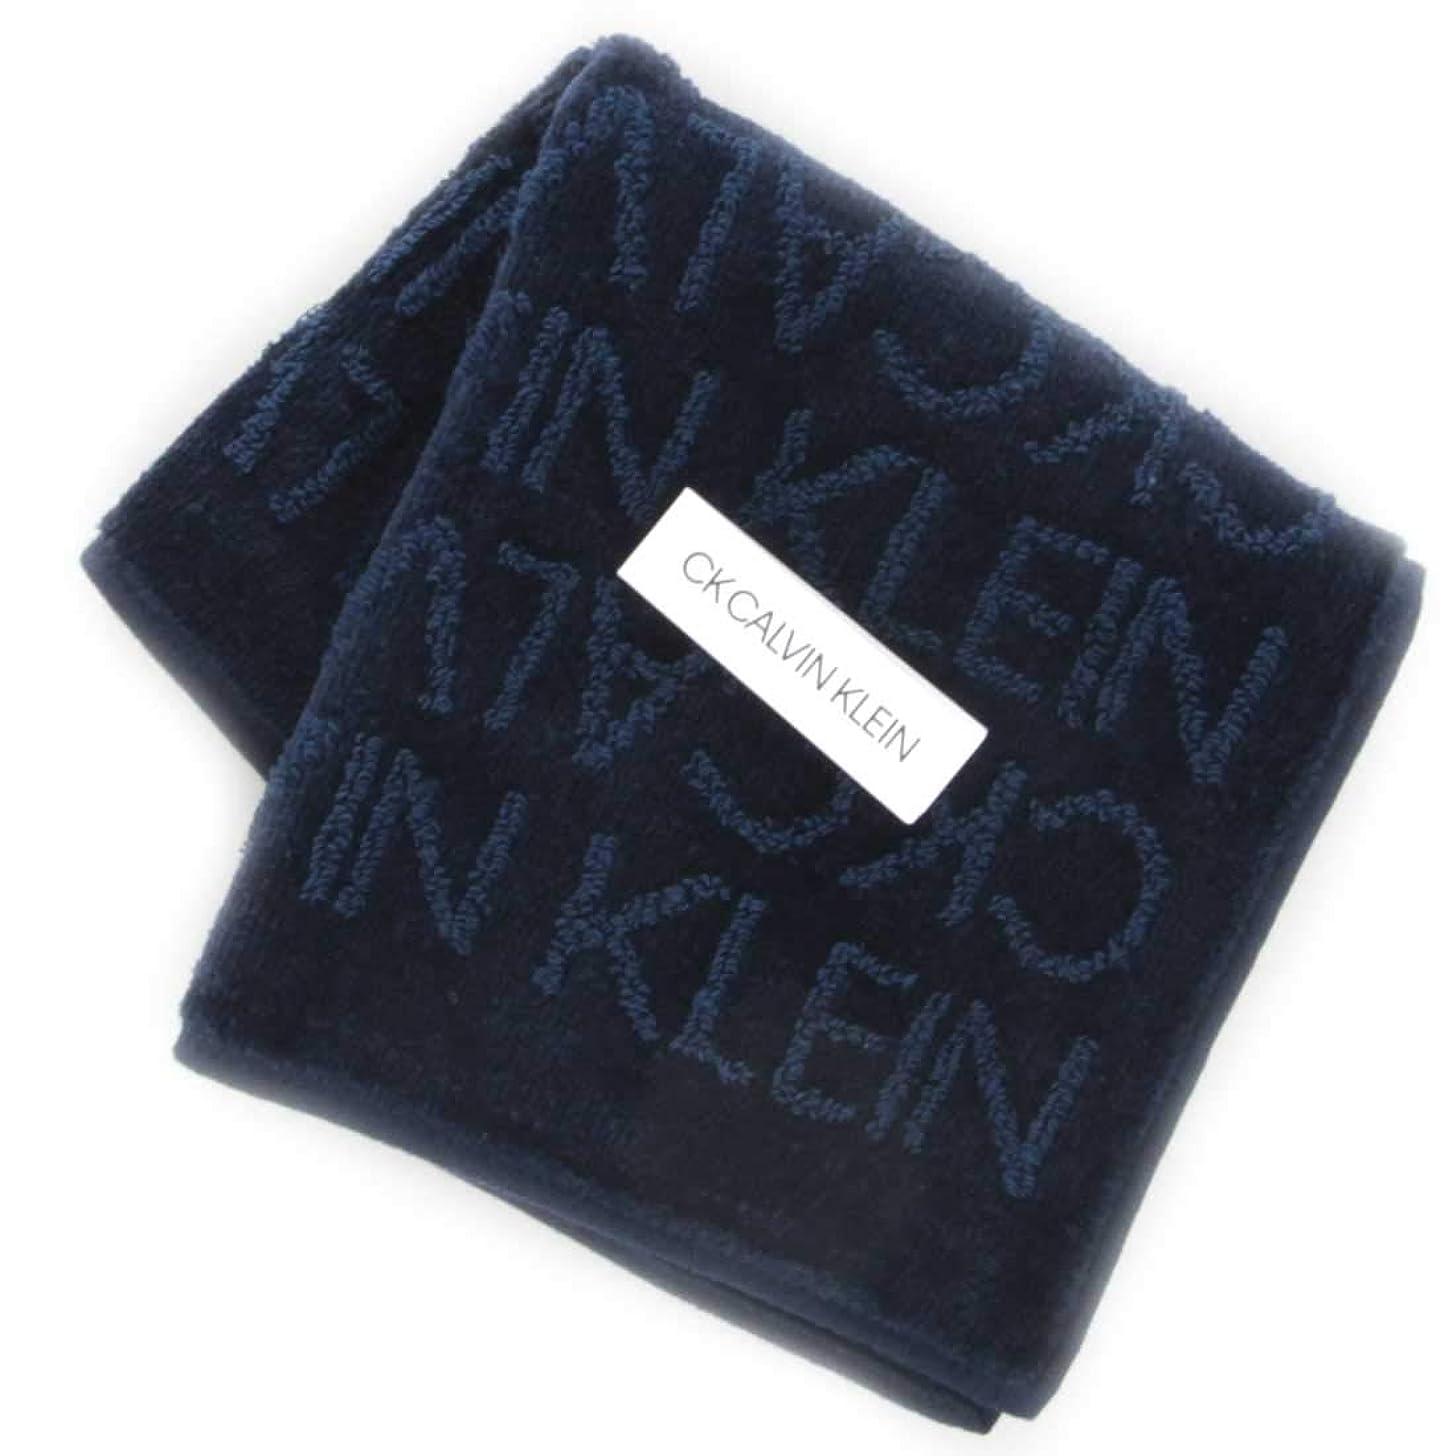 フェデレーションラッカス同様のカルバンクライン 紳士 タオルハンカチ(ネイビー) ロゴ [綿100%] ビジネス メンズ ハンドタオル 25cm CK CALVIN KLEIN 119031-9255-62